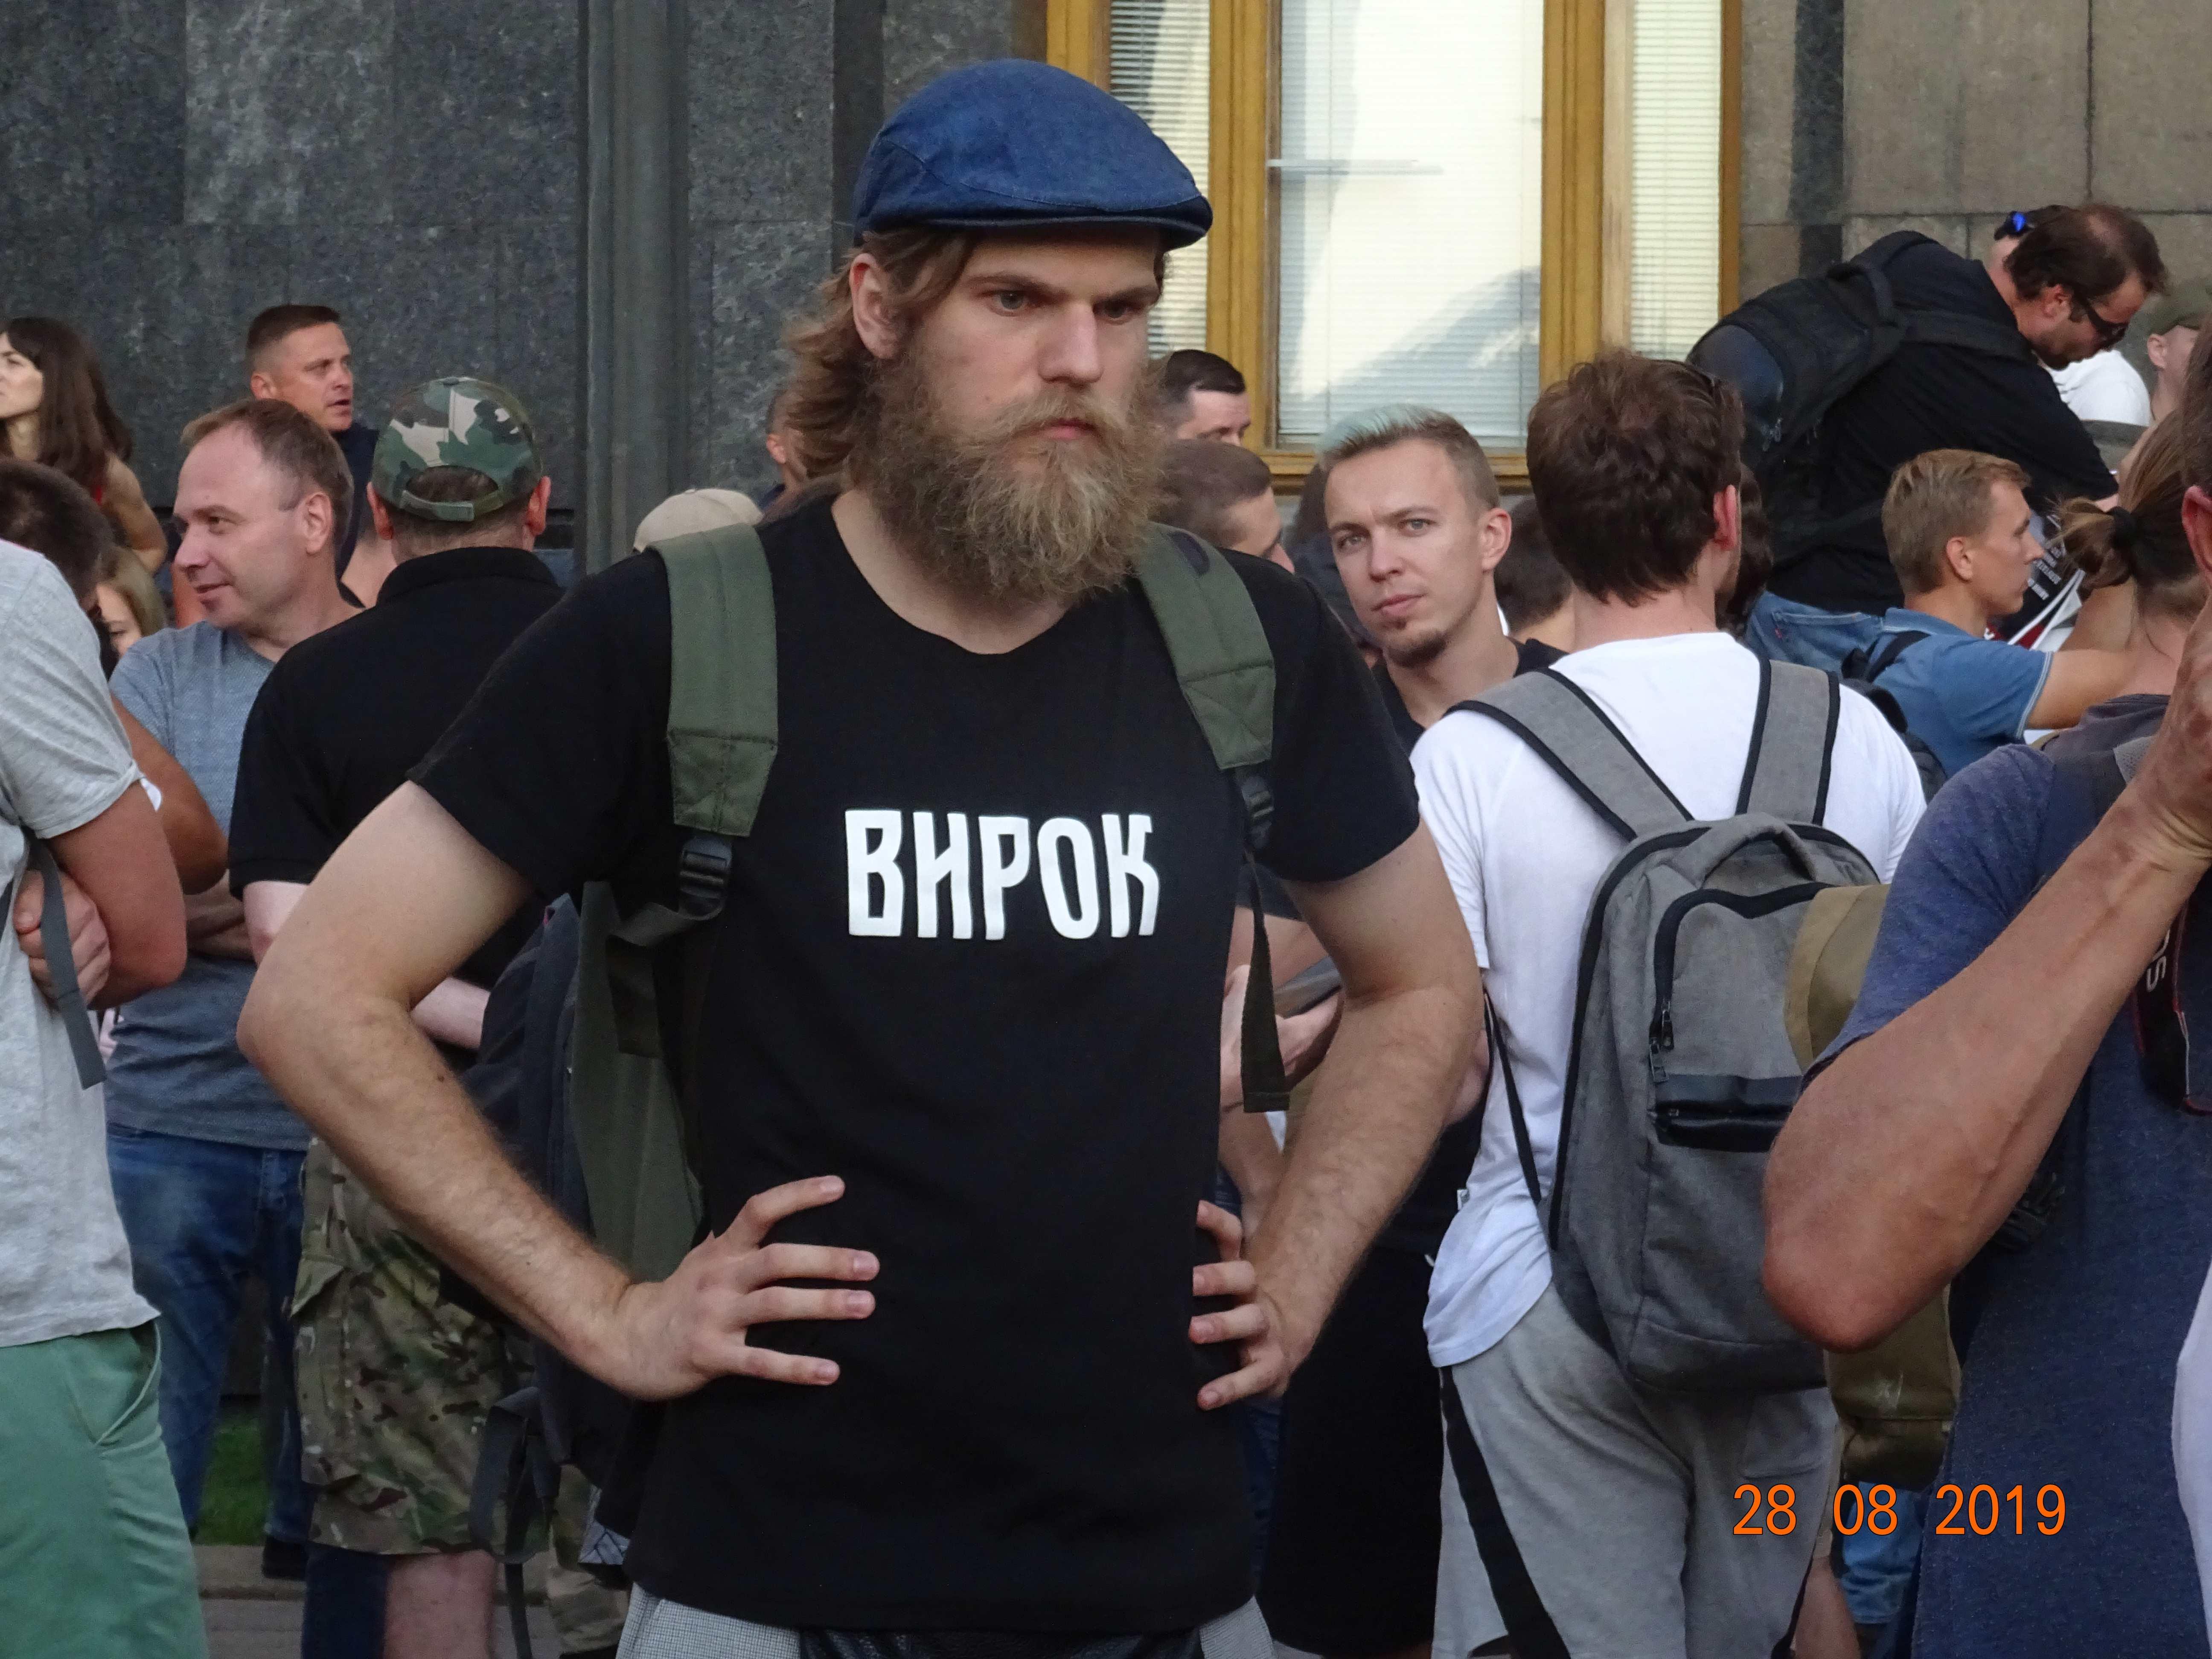 Avakov-Chort-Devil - Avakov-Chort-Devil-image016.jpg